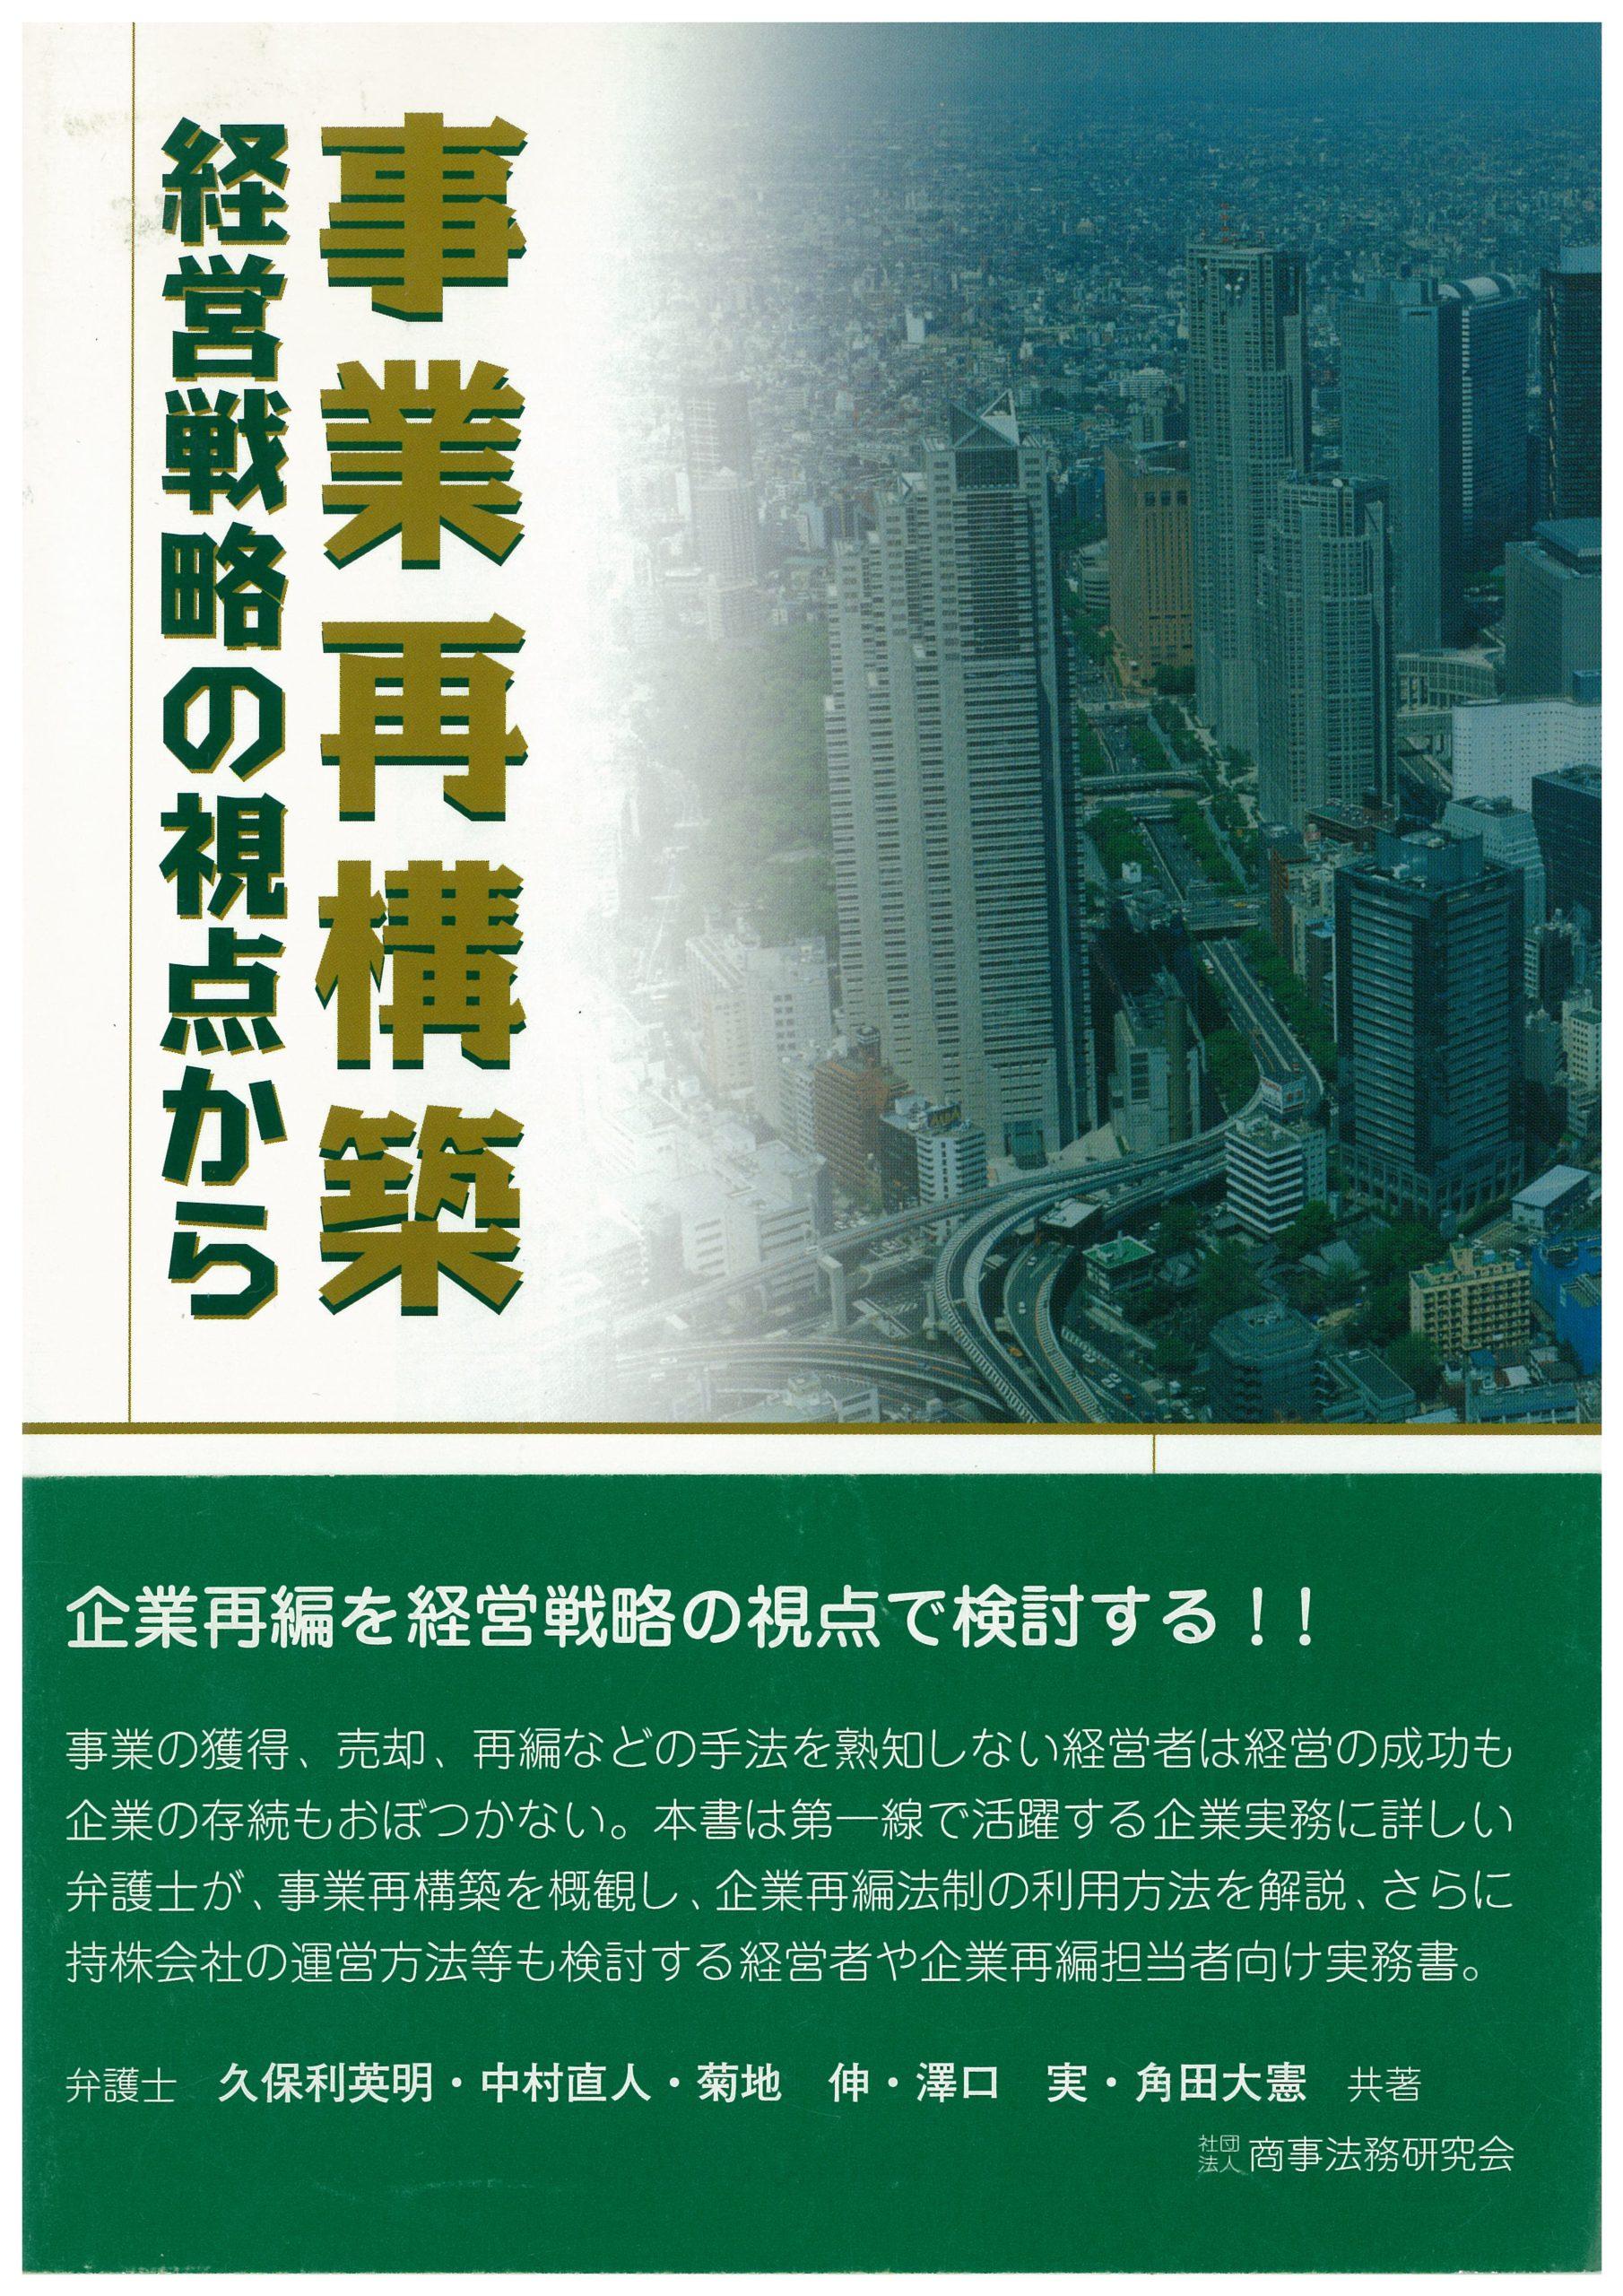 商事法務研究会   2001年6月